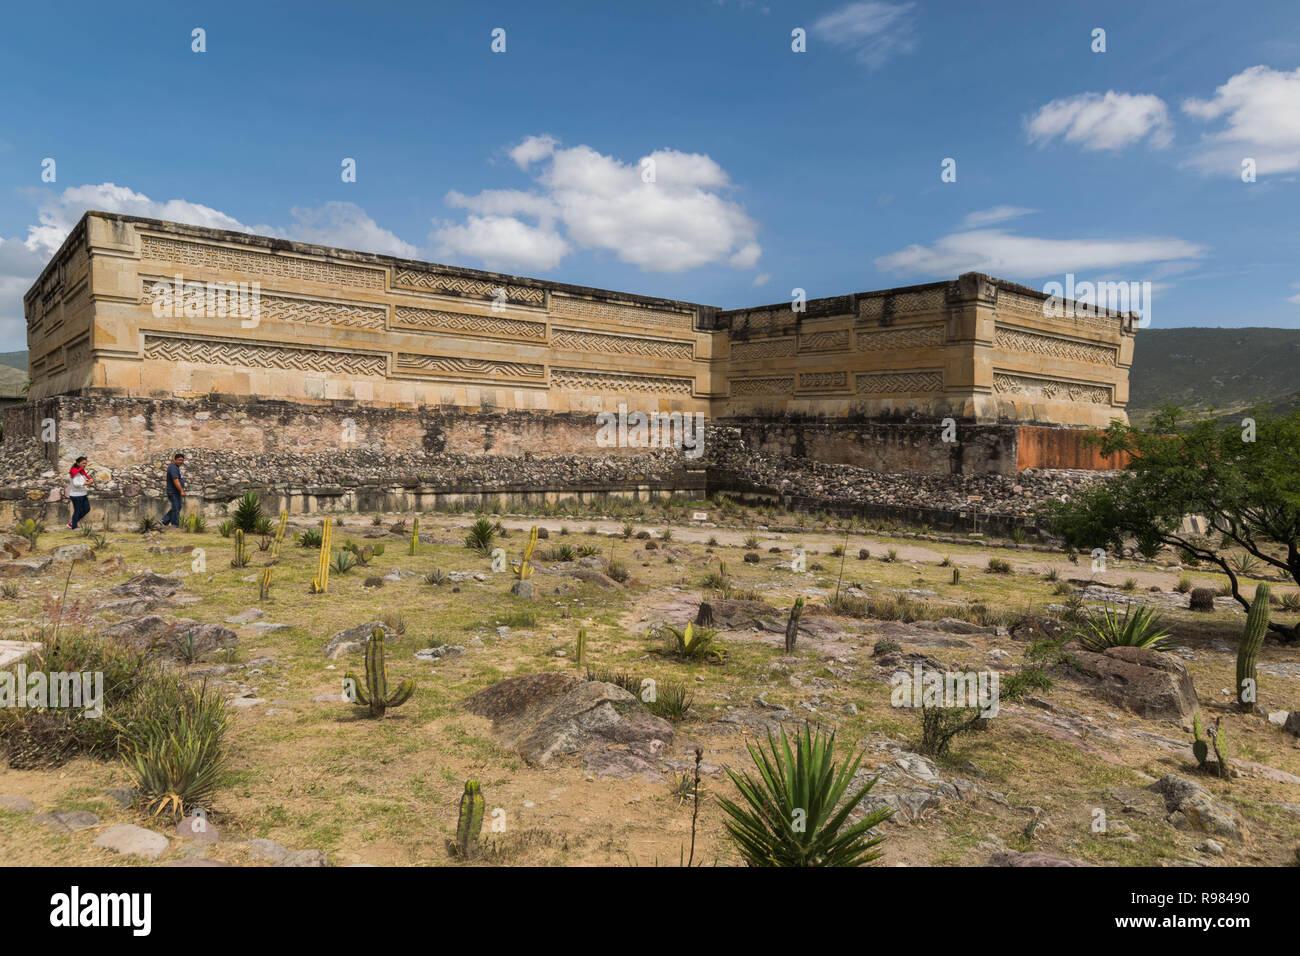 Rovine di Mitla, con paesaggio secco, molti cactus e un nuvoloso cielo blu, in Oaxaca, Messico Immagini Stock